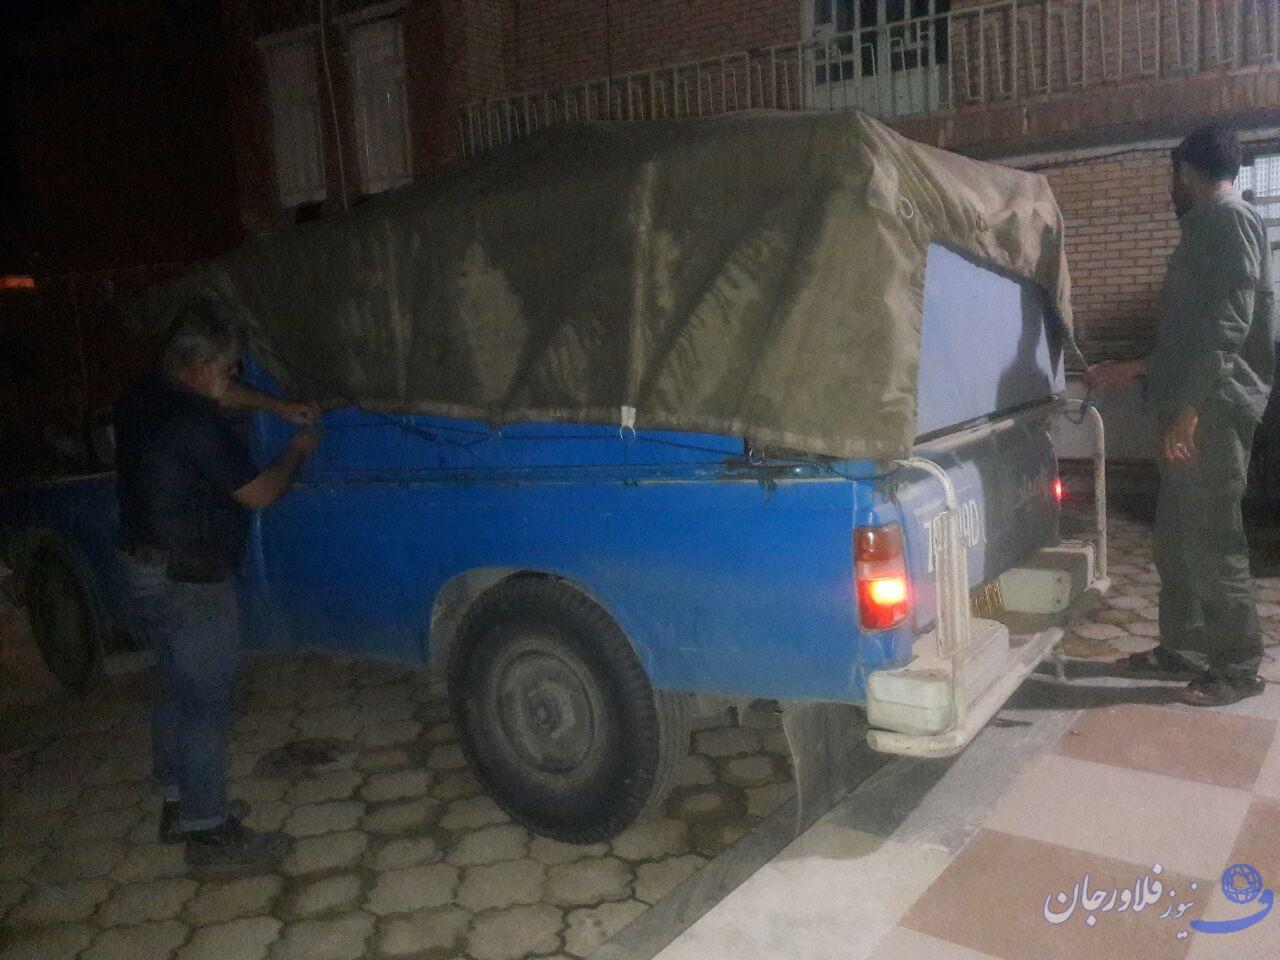 دومین محموله کمک های مردم روستای هویه به سیل زدگان ارسال شد